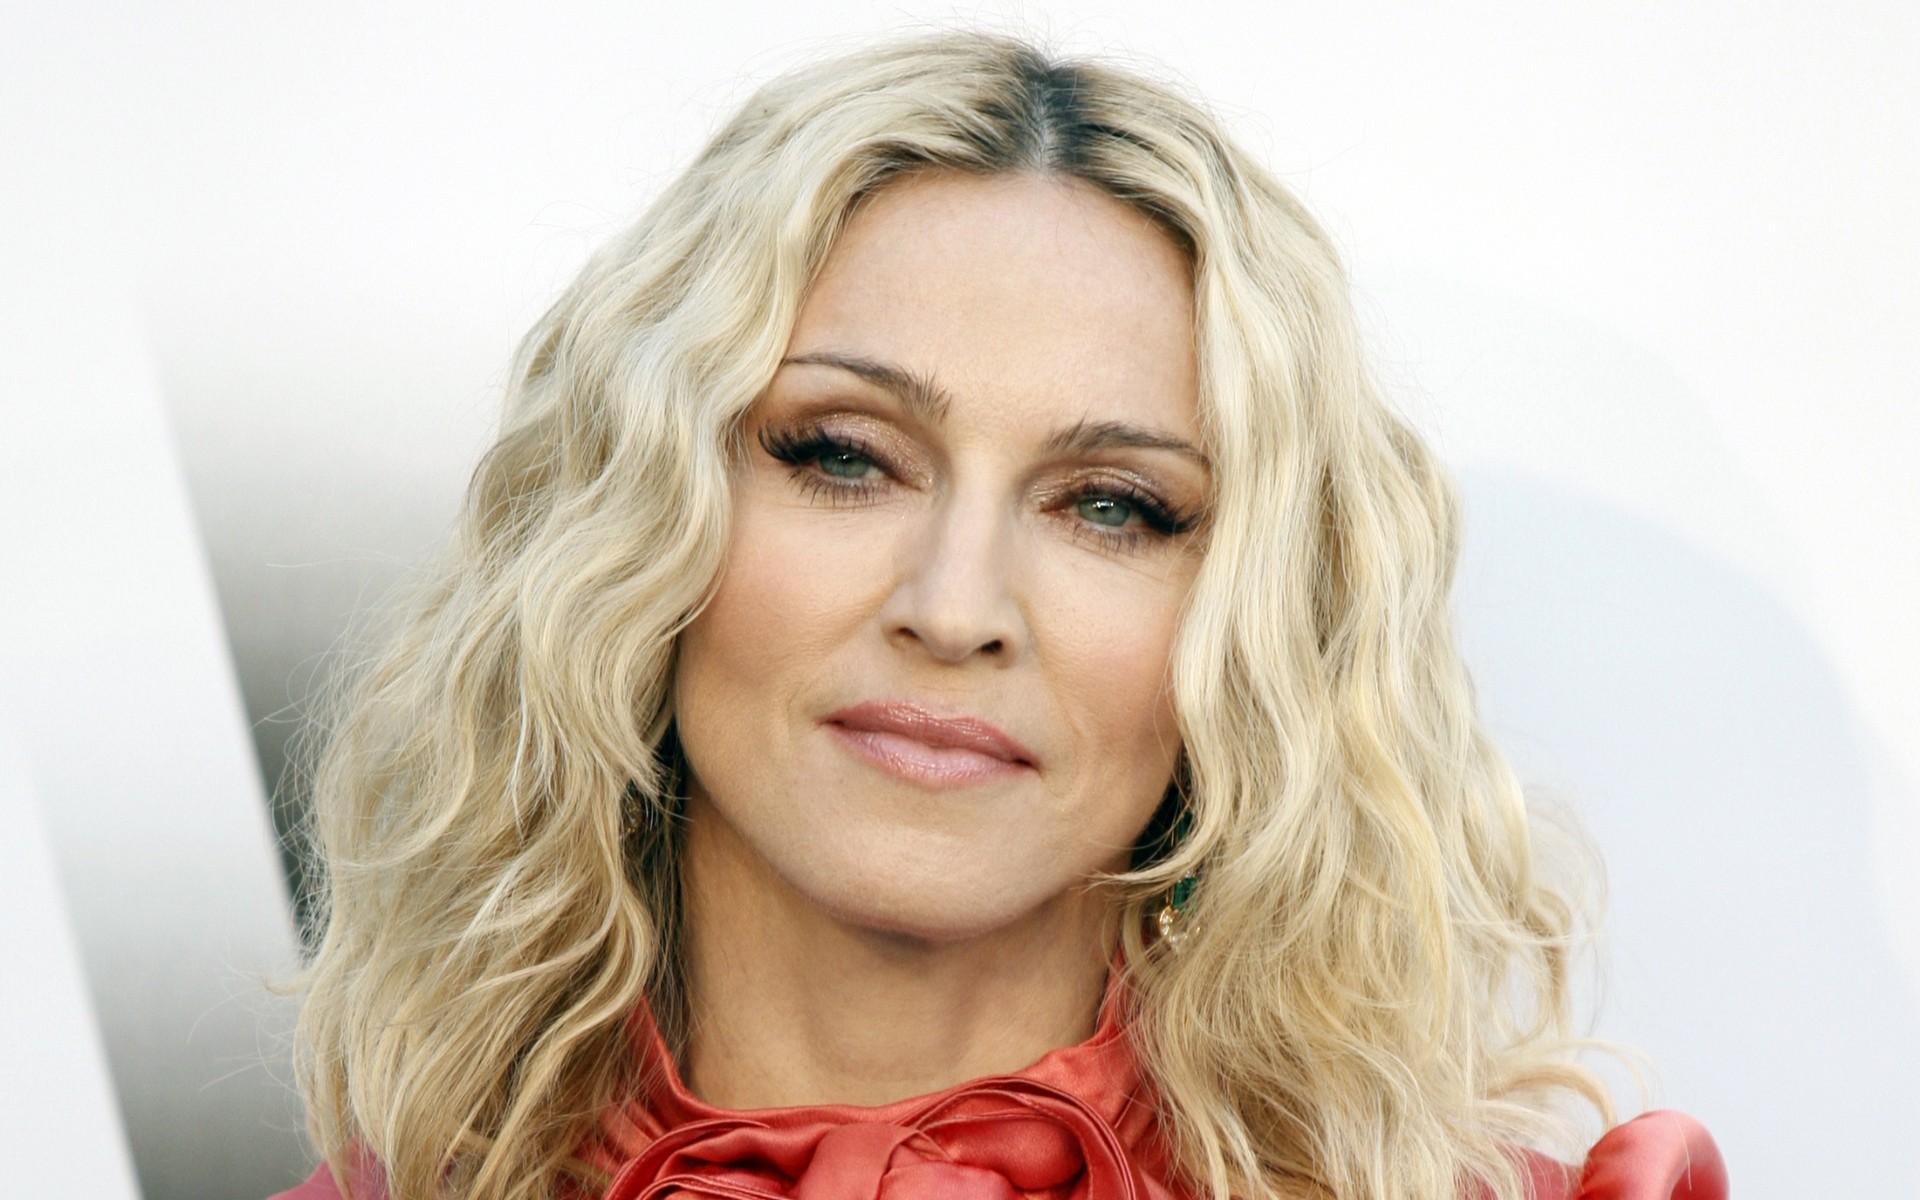 Madonna cute face stills